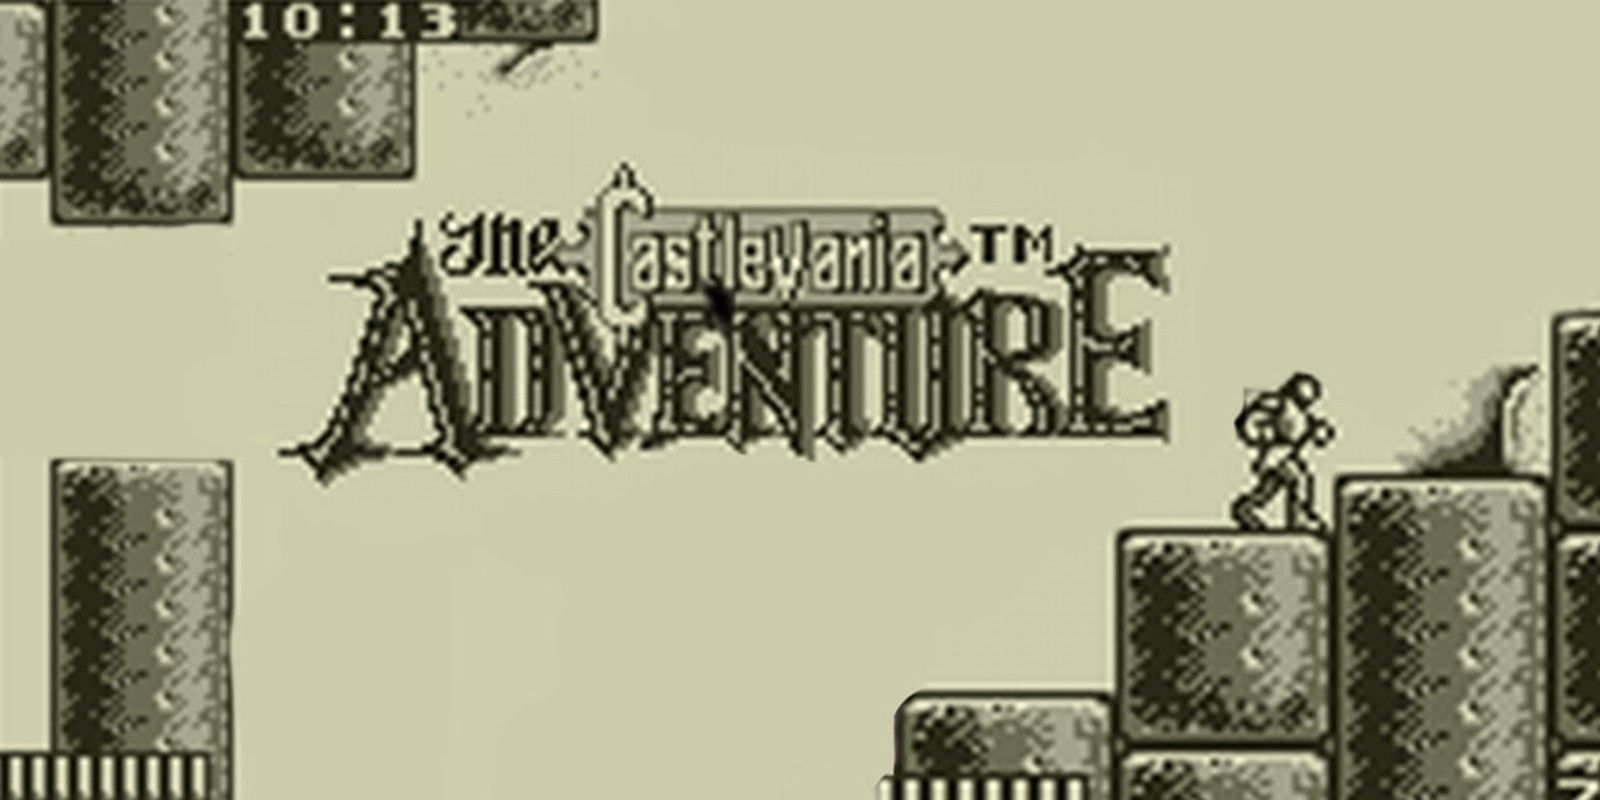 Todos os jogos portáteis do Castlevania classificados de acordo com os críticos 2